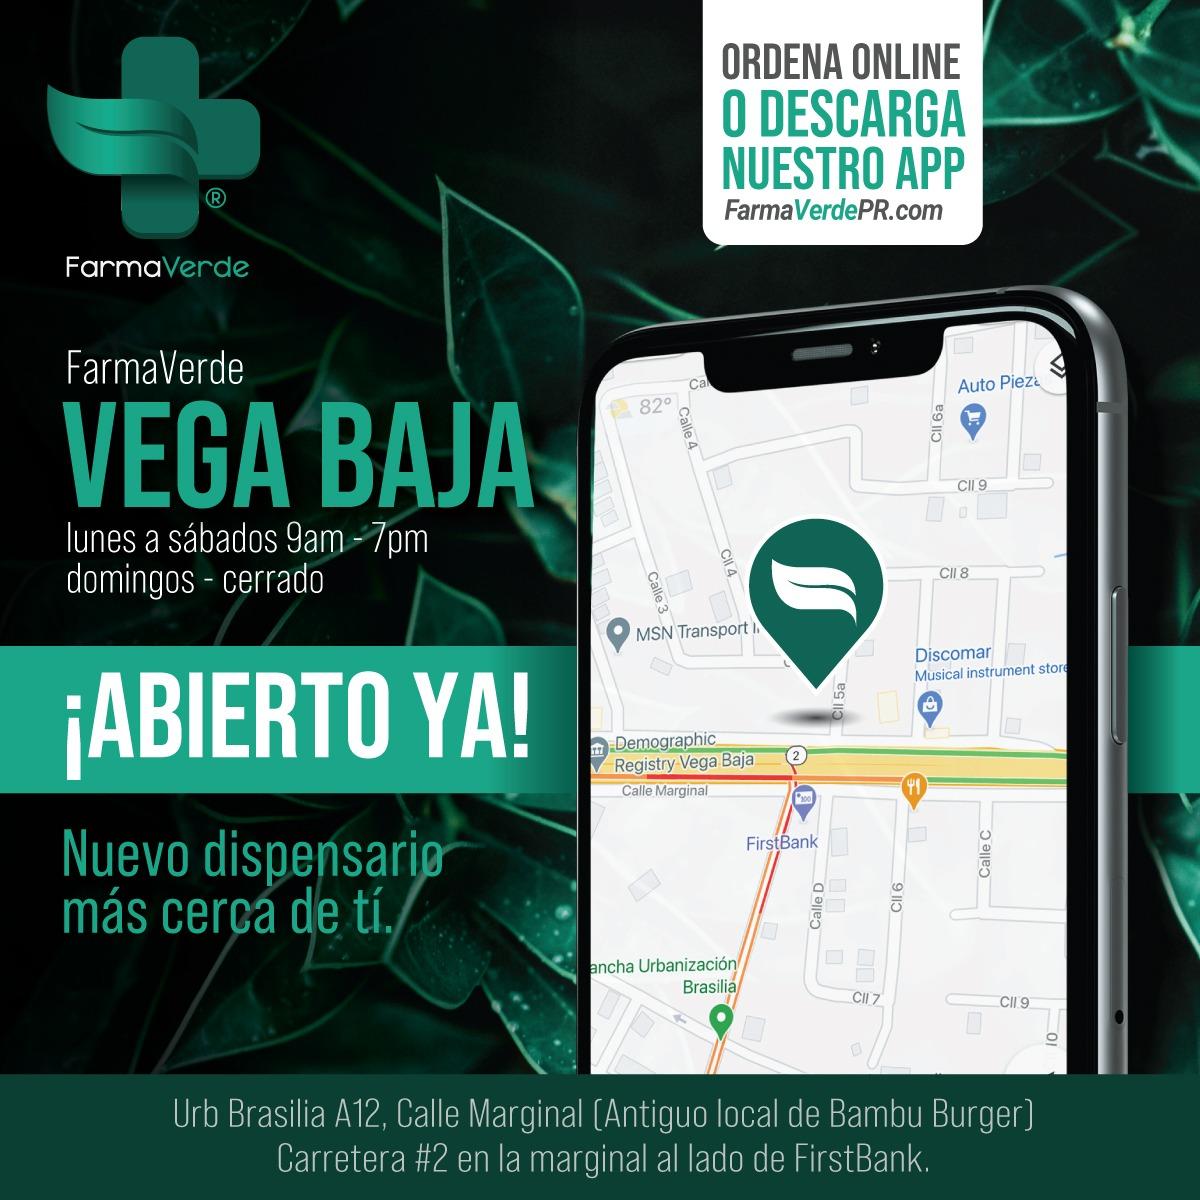 Vega Baja está abierto